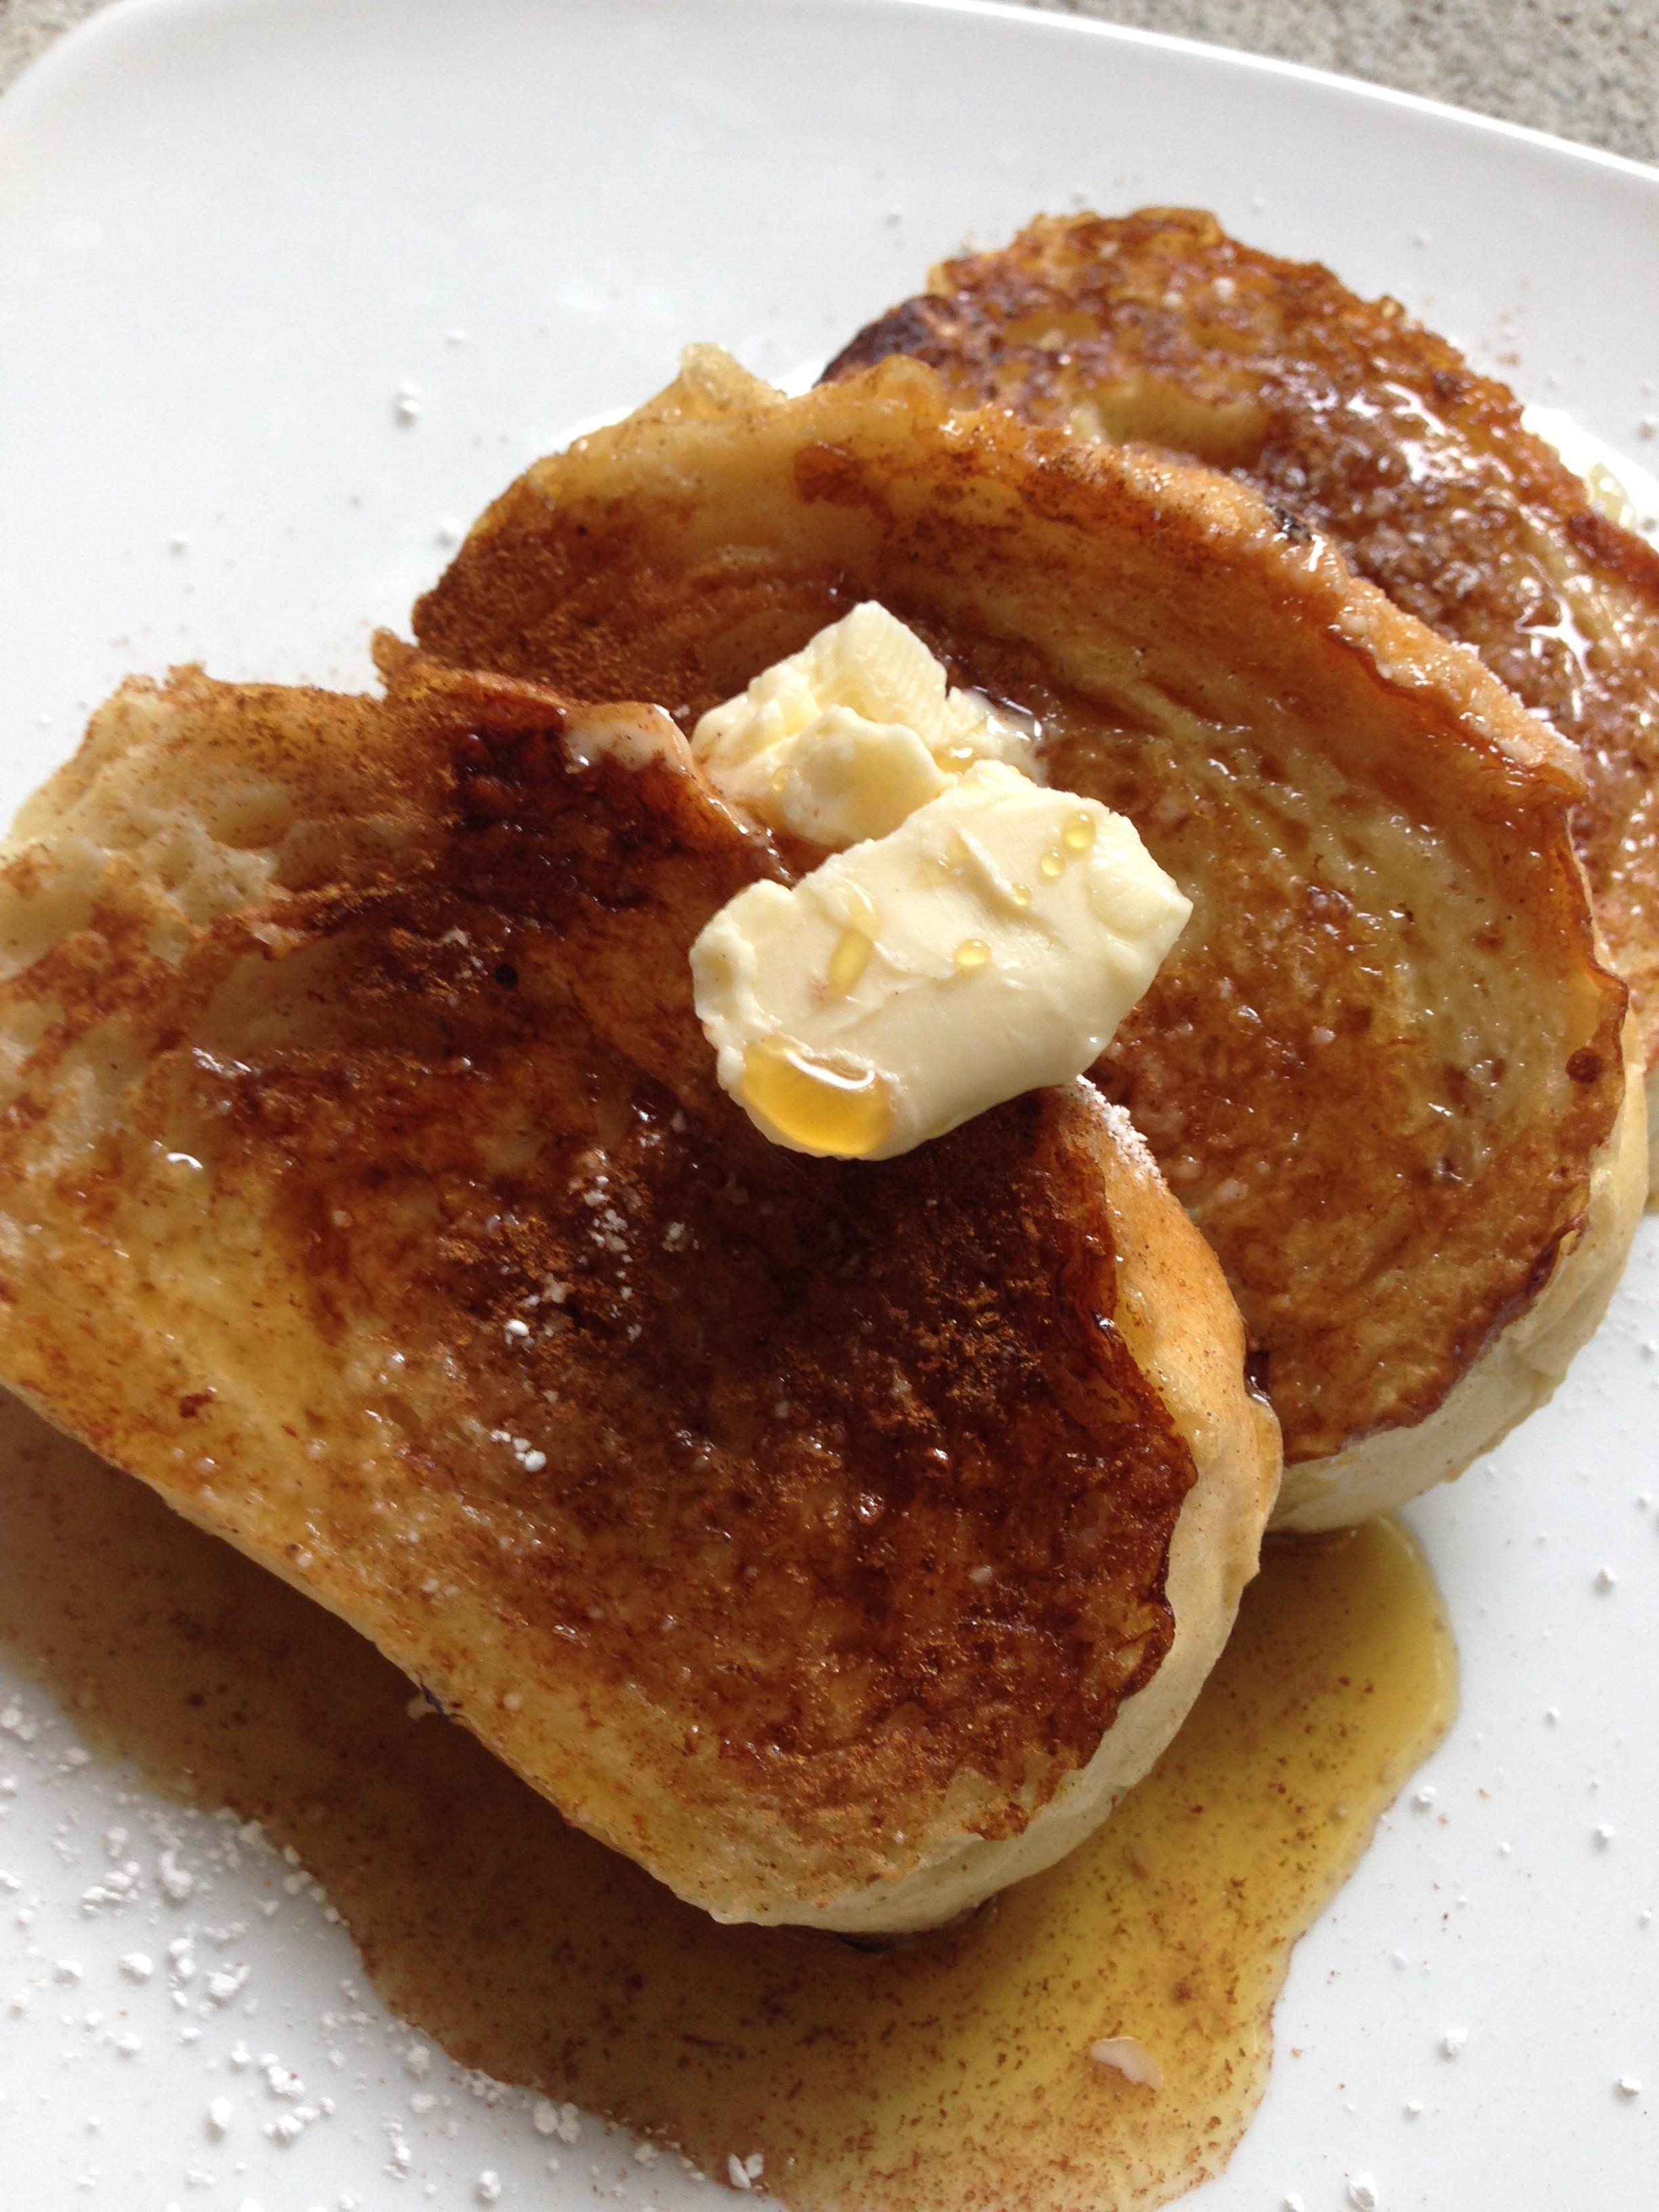 Vegan French Toast (Using Aquafaba)